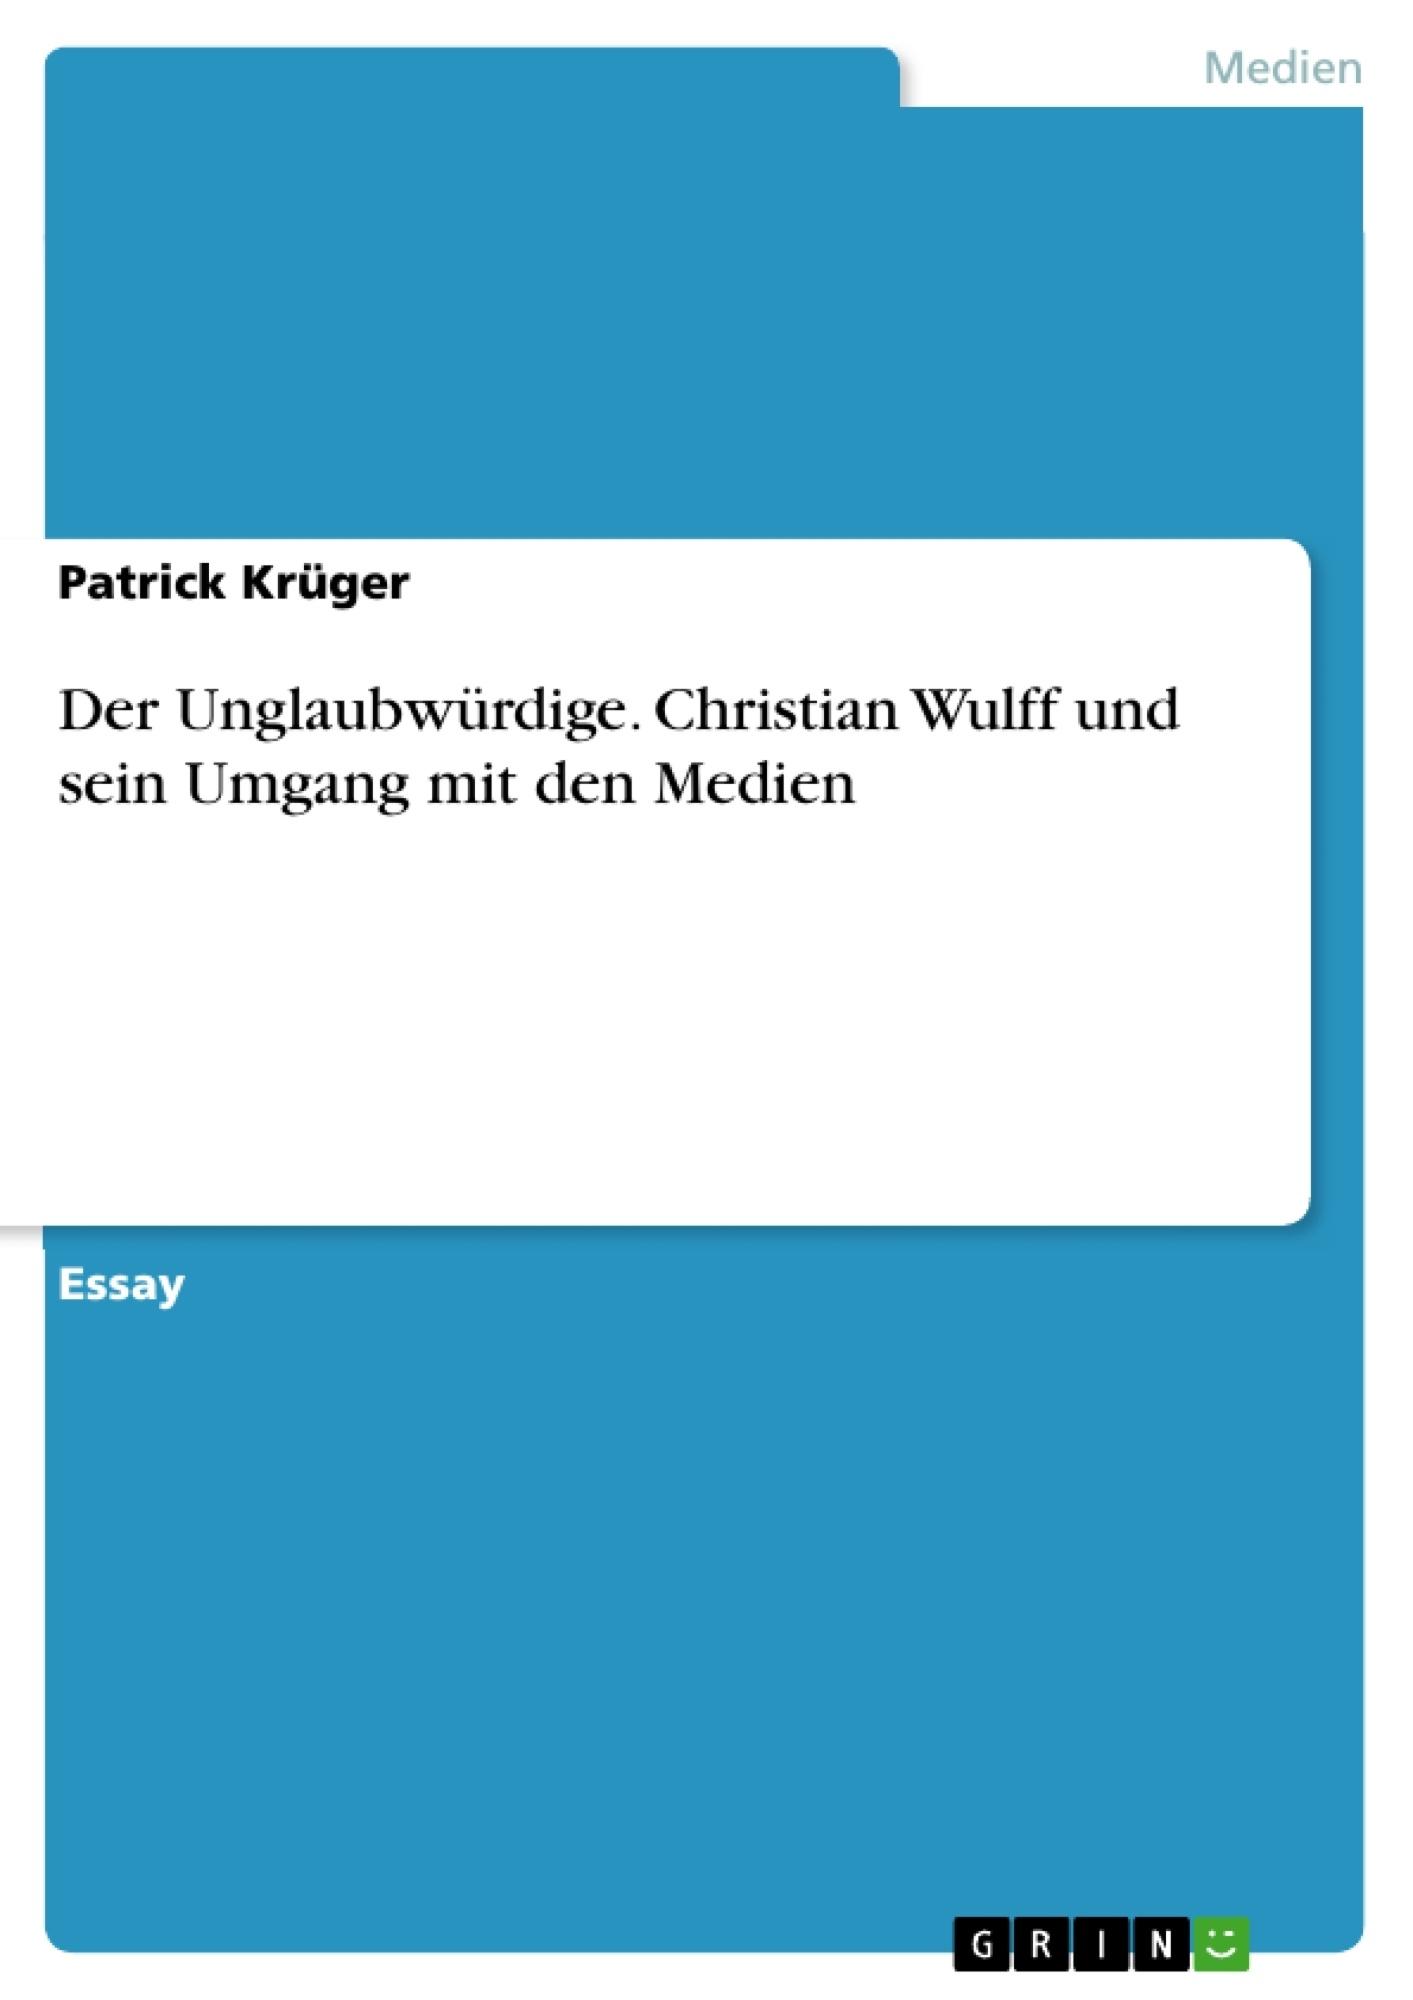 Titel: Der Unglaubwürdige. Christian Wulff und sein Umgang mit den Medien